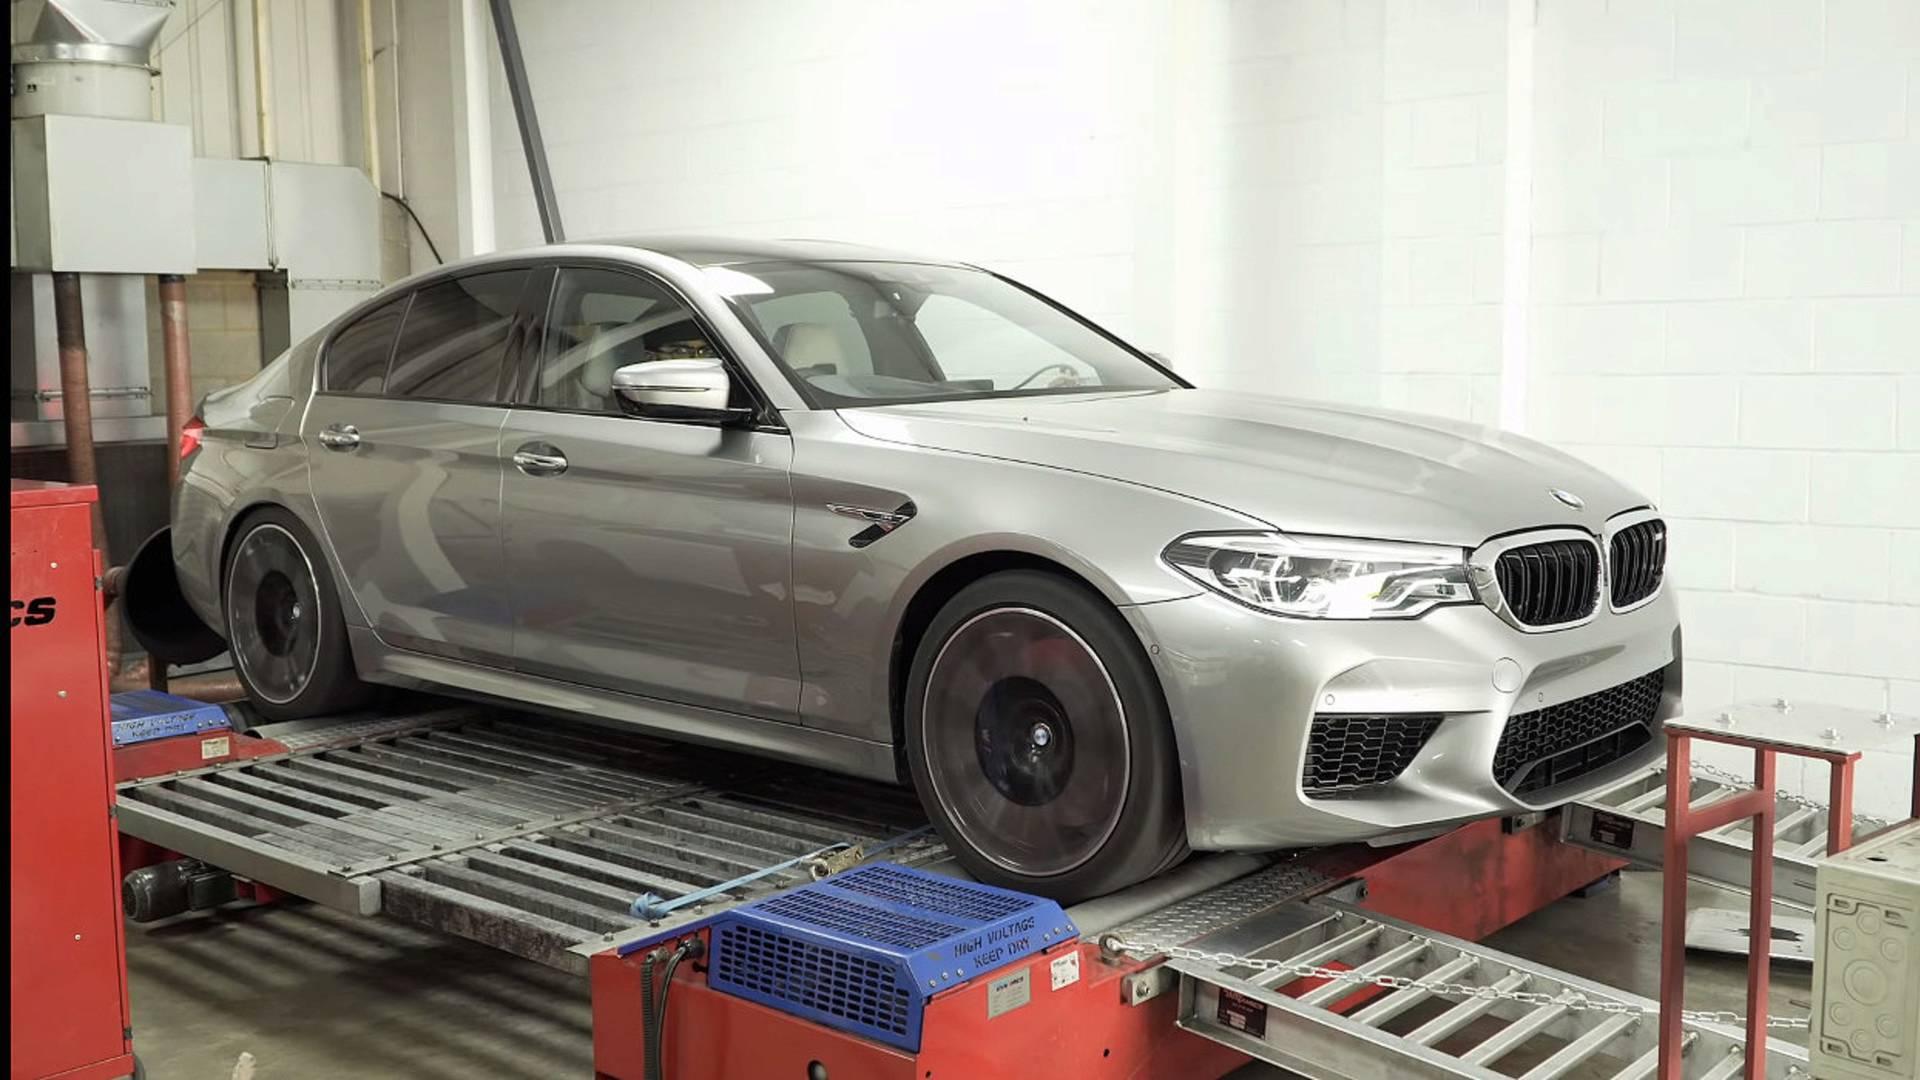 BMW M5 snažniji nego što to pokazuju fabričke specifikacije (VIDEO)